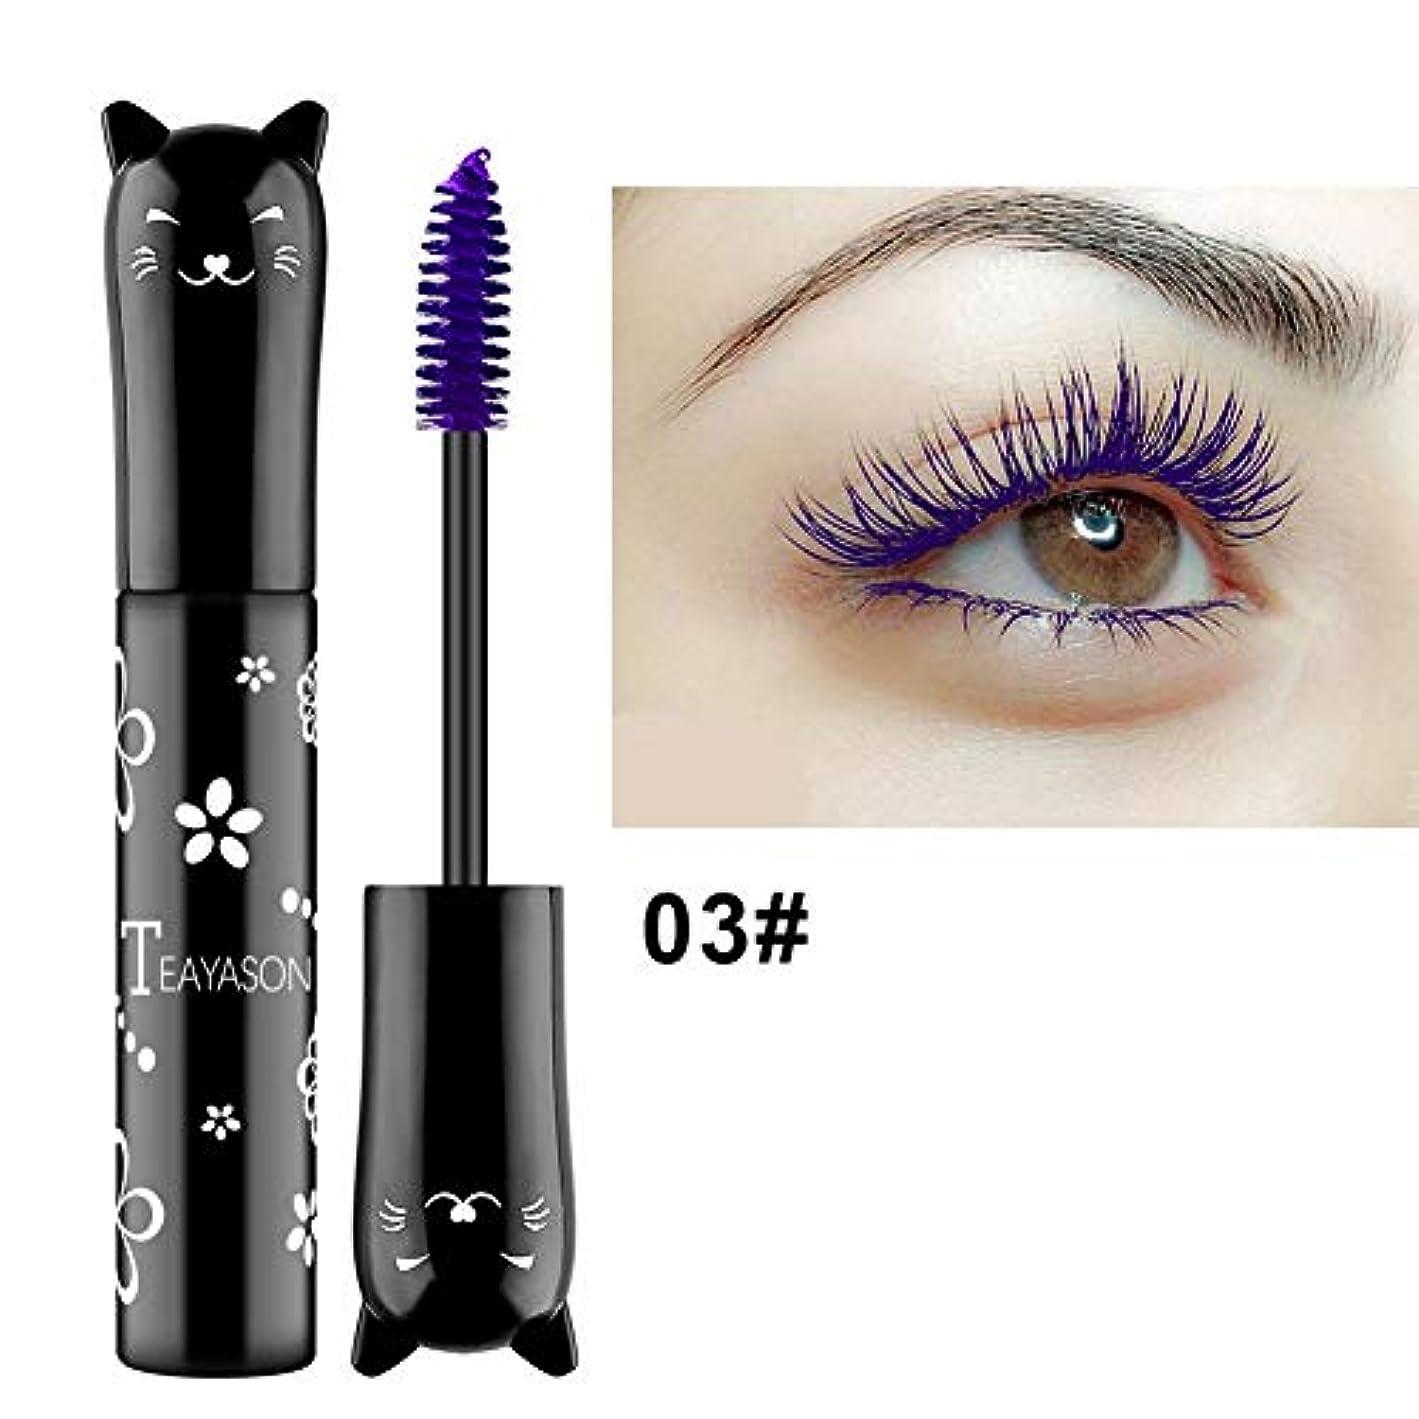 カウント補う開梱Murakush マスカラ ファイバー 防水 かわいい 猫 スタイル 4D 厚い カーリング 睫毛 アイメイクアップ 3 purple